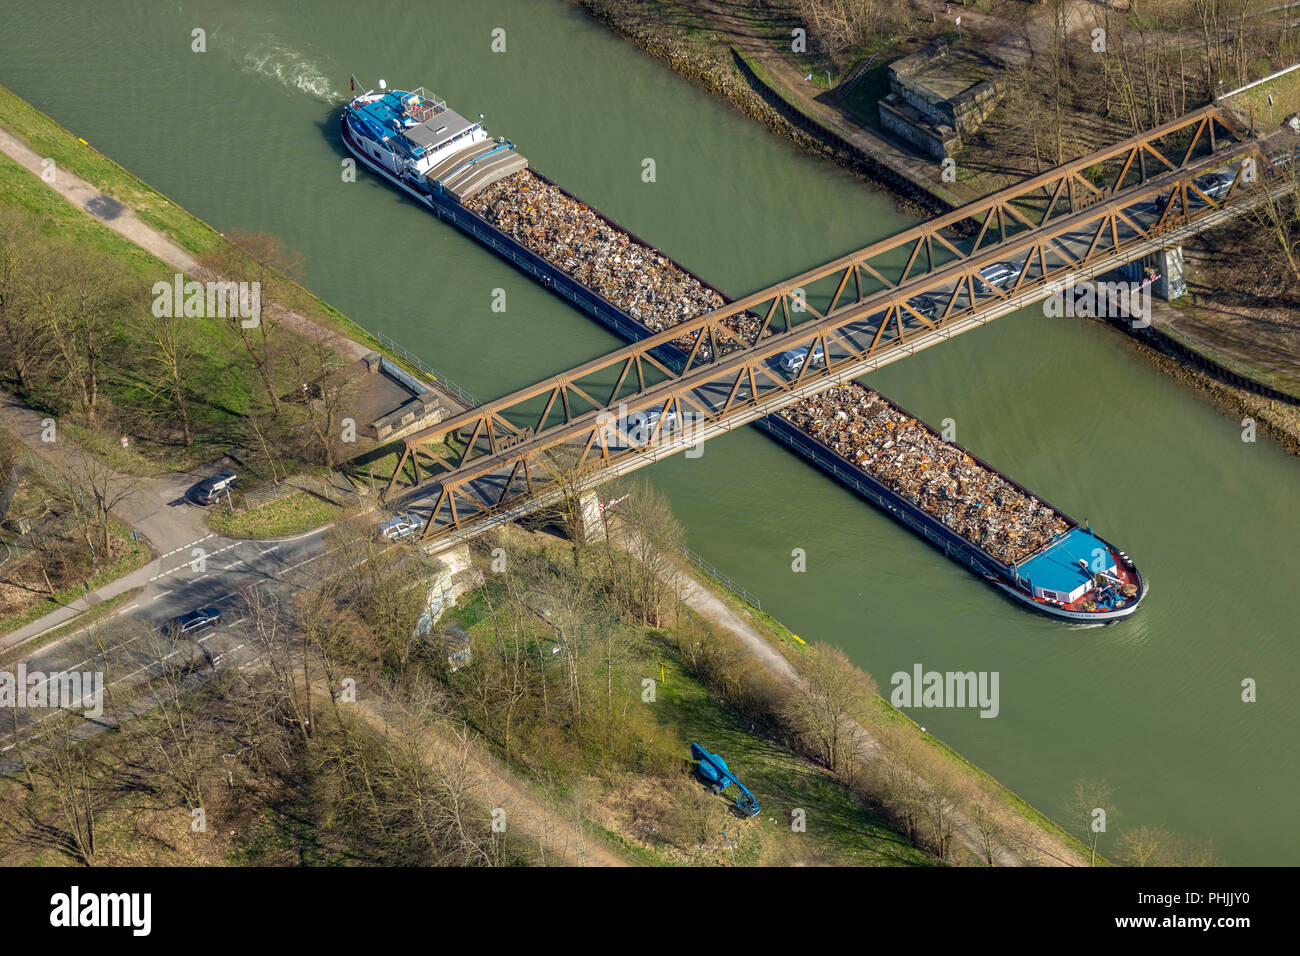 Puente improvisado, el puente sobre el Canal Wesel-Datteln cerca de Hünxe Krudenburg en NRW. Hünxe, área de Ruhr, Renania del Norte-Westfalia, Alemania, Hünxe, DEU, Foto de stock